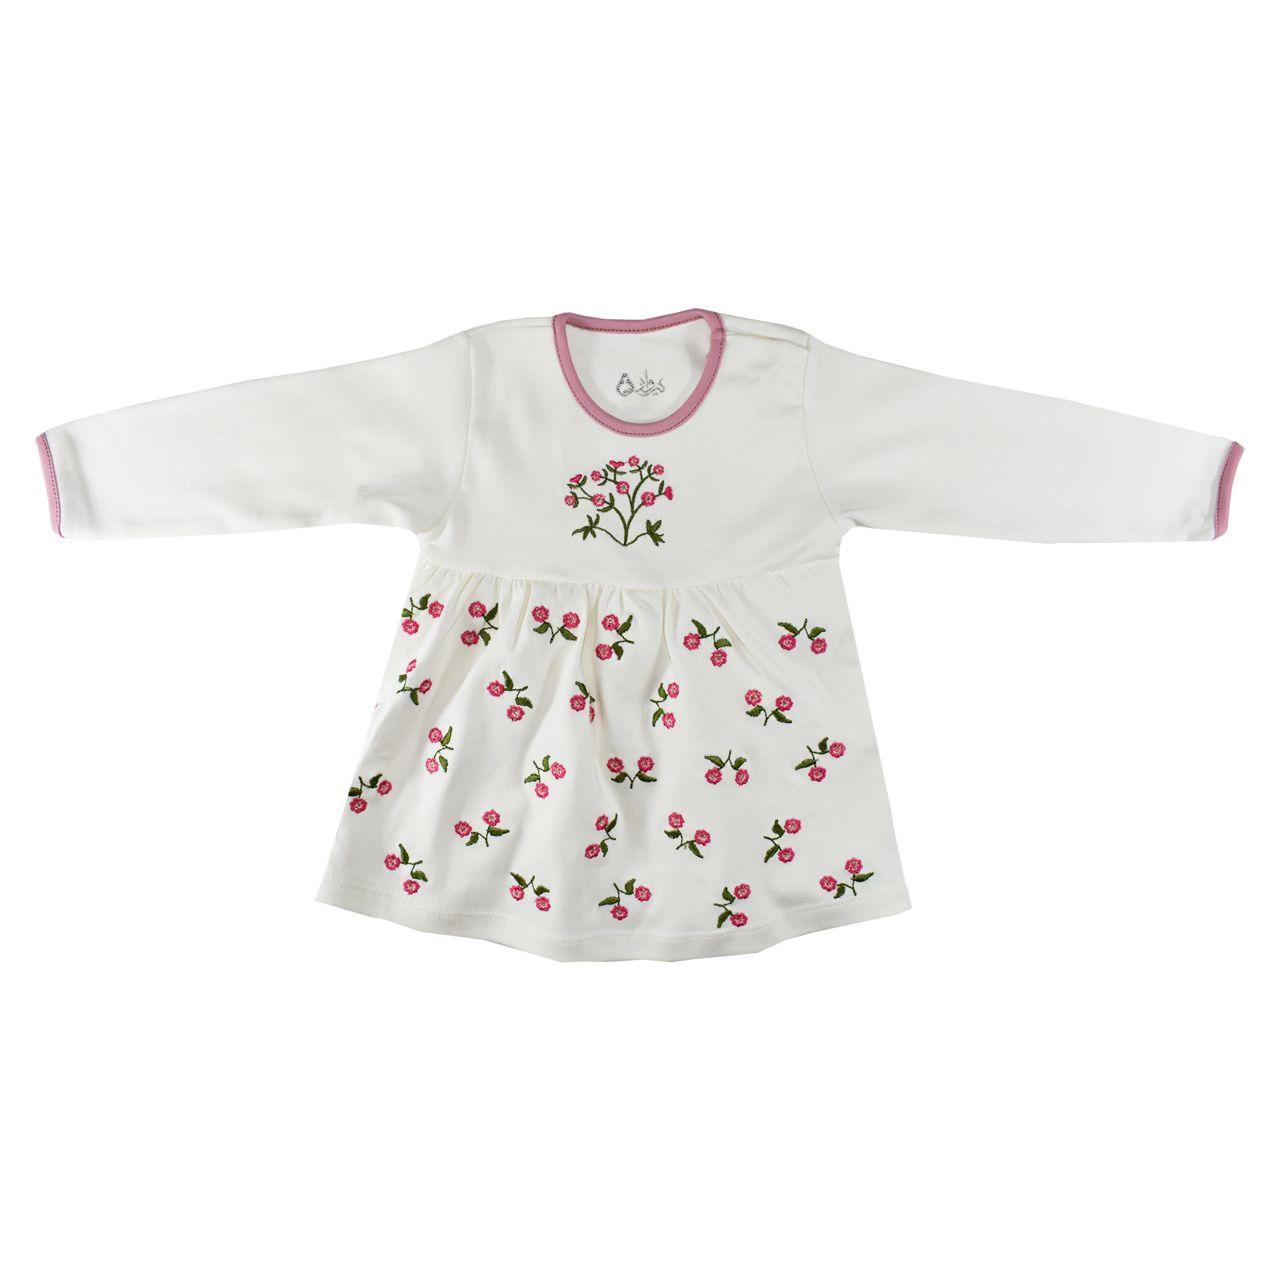 ست 3 تکه لباس نوزادی نیروان طرح گل کد 3 -  - 4